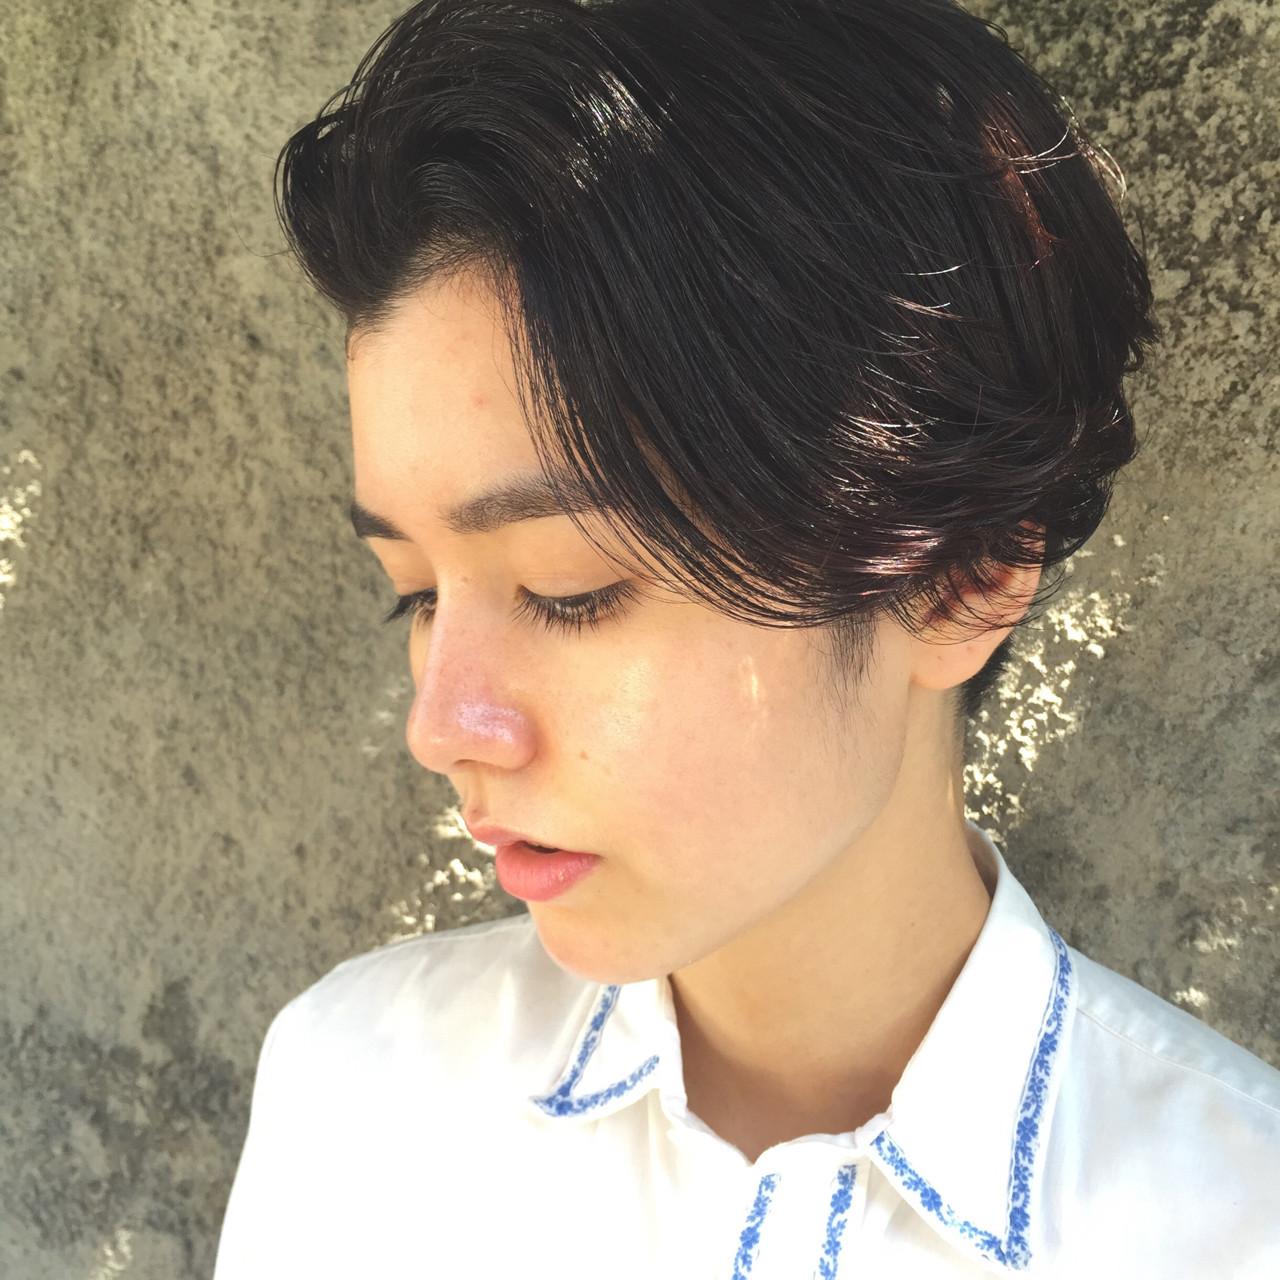 黒髪 パーマ ベリーショート ショート ヘアスタイルや髪型の写真・画像 | 小西敬二郎 / Heartim